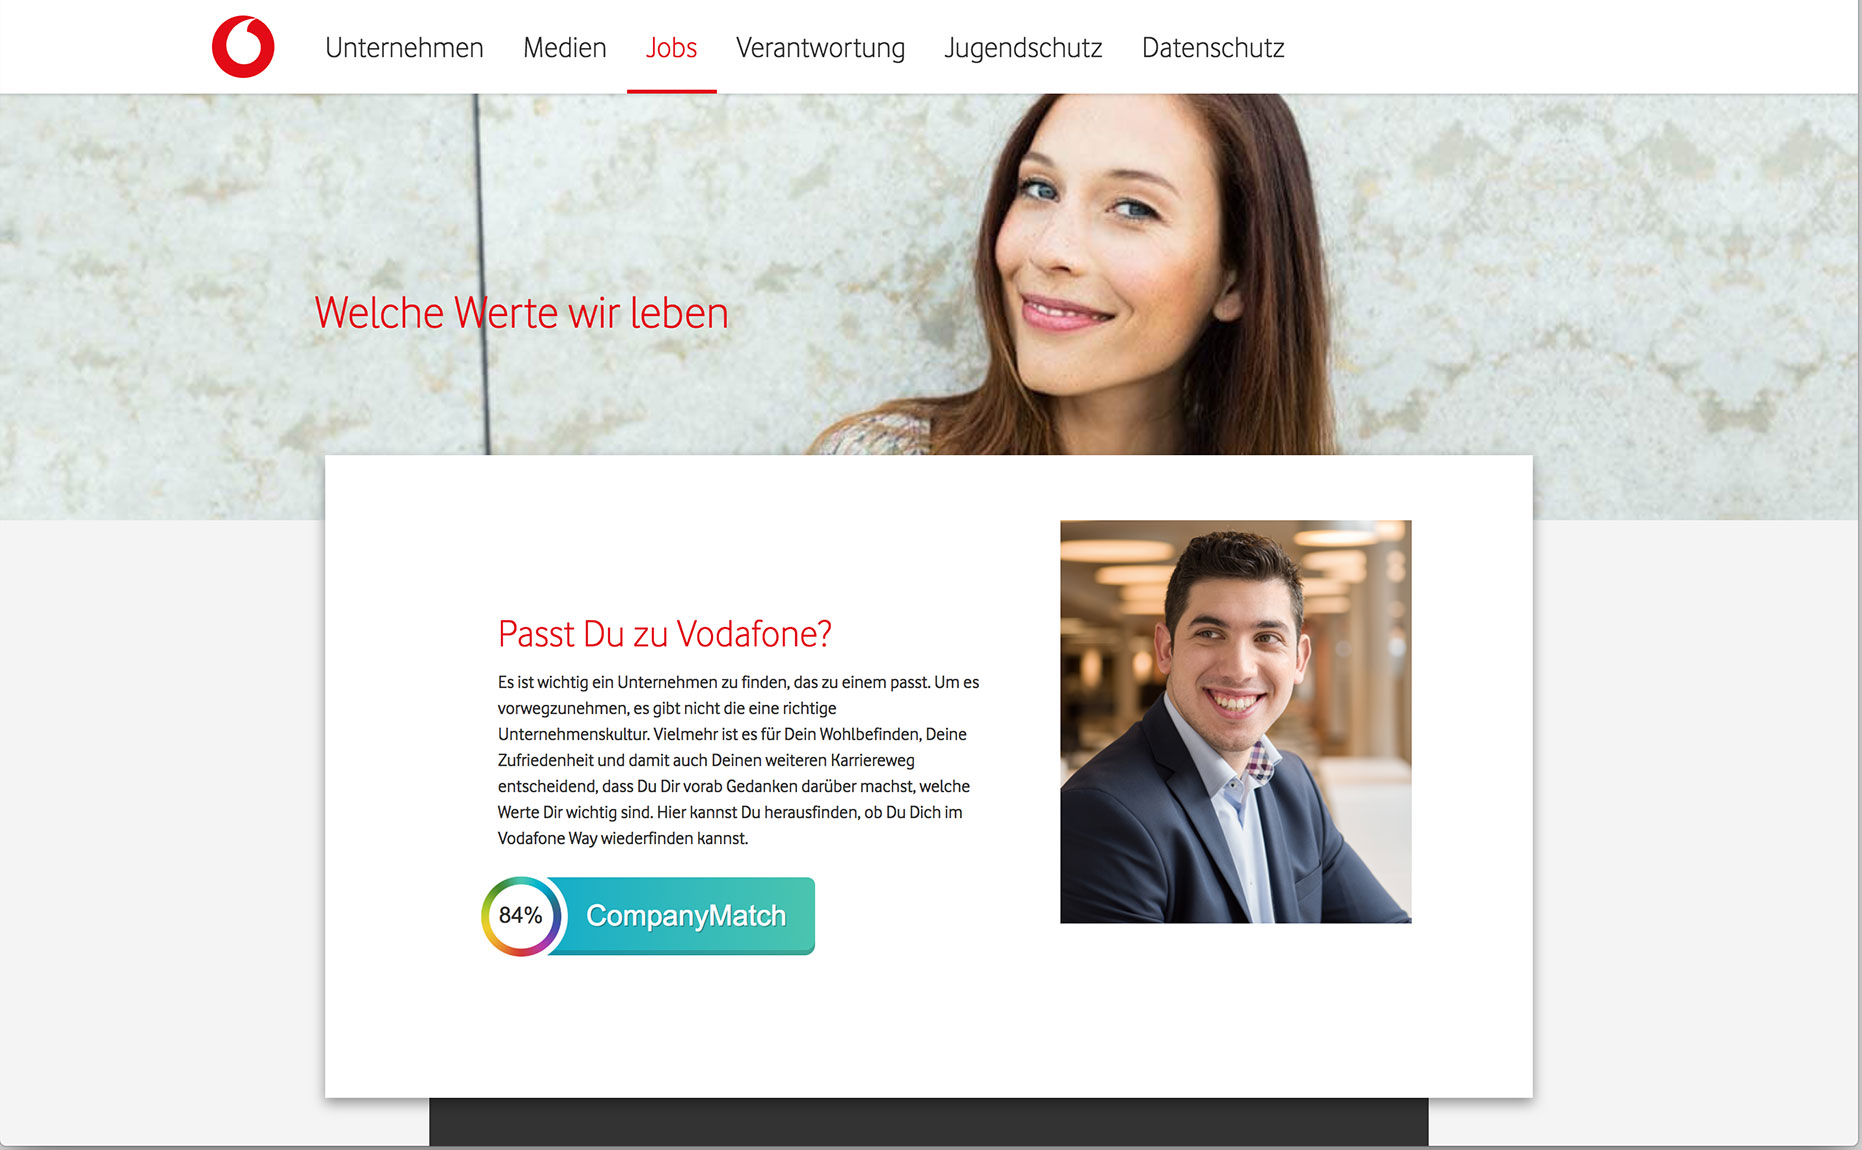 AIDA model Vodafone Desire